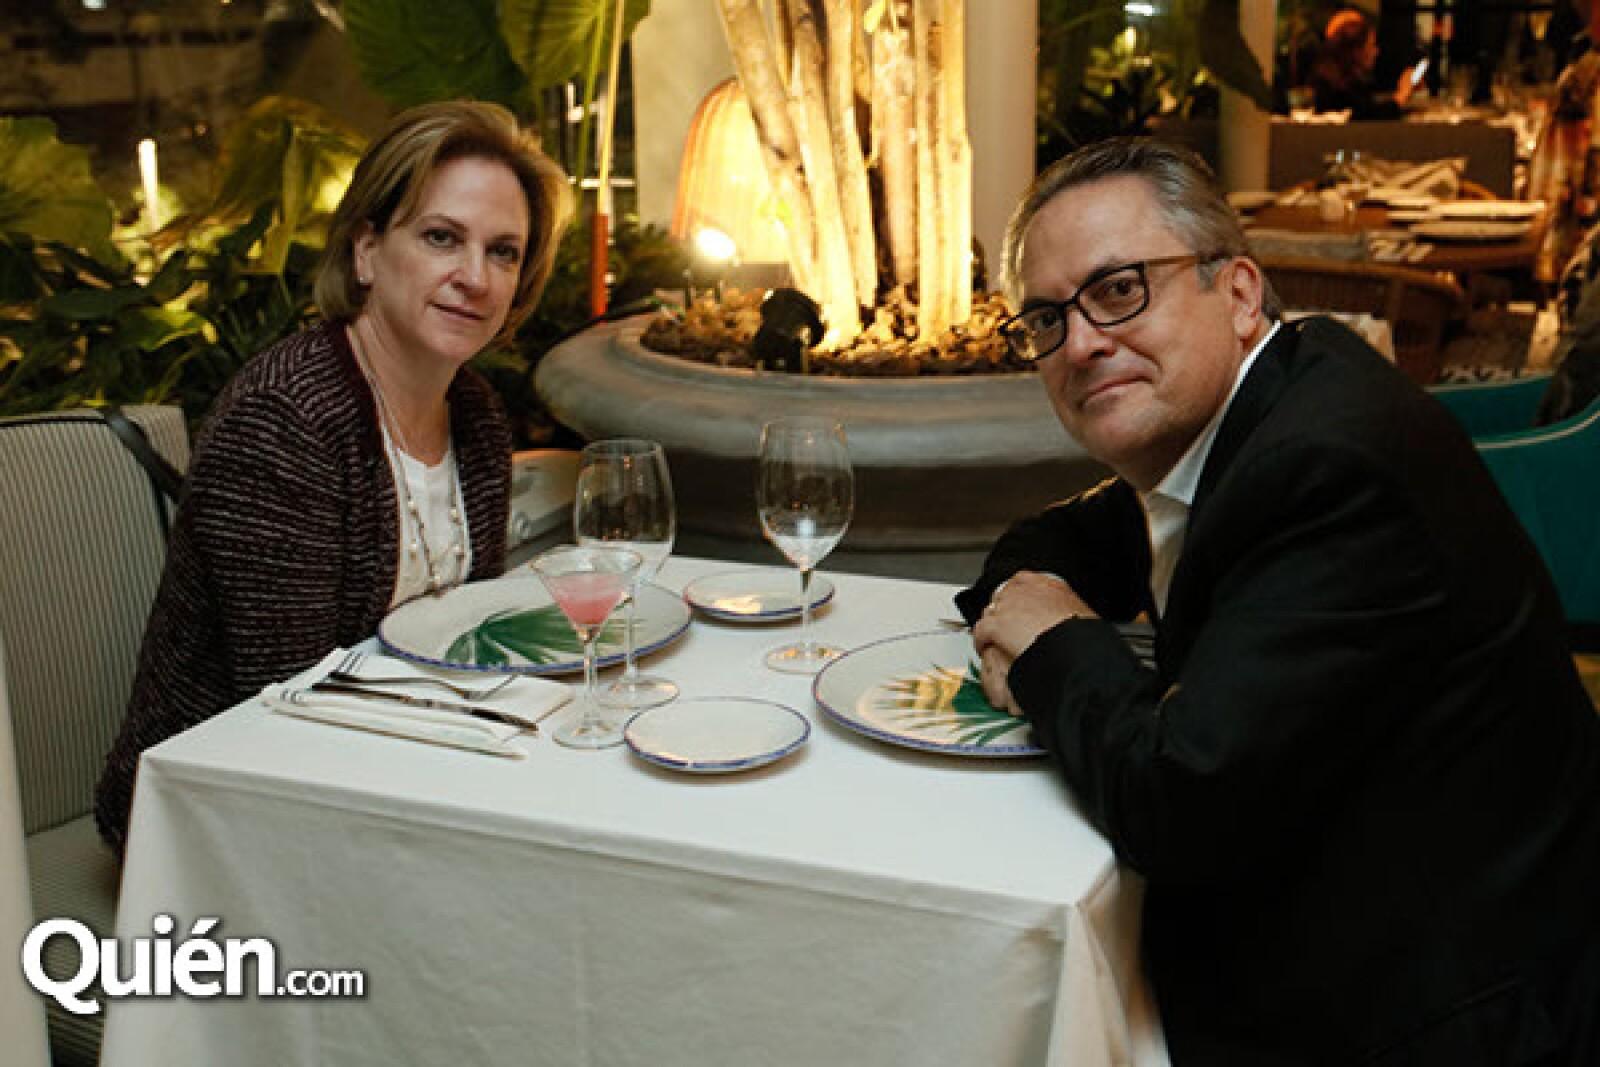 Susana y Juan Cristobal Ferrer